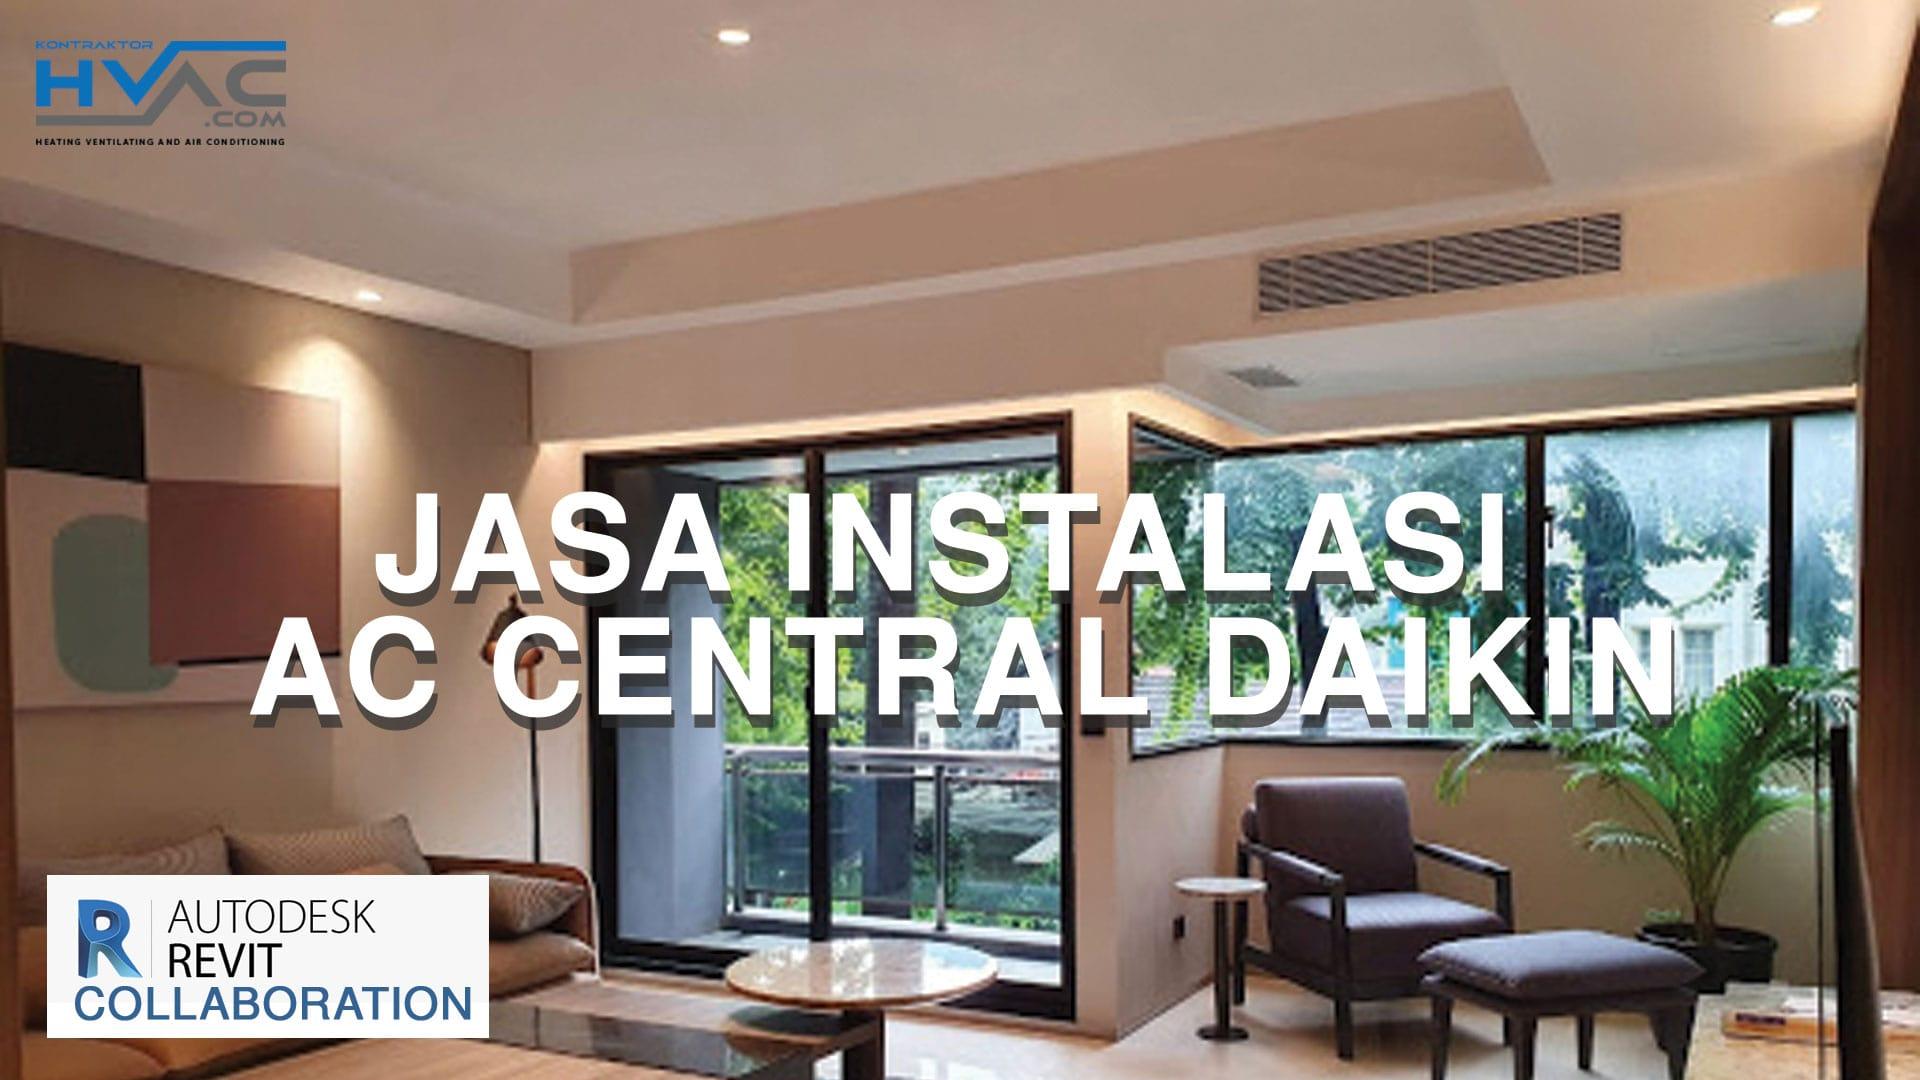 jasa-instalasi-ac-central-daikin-min